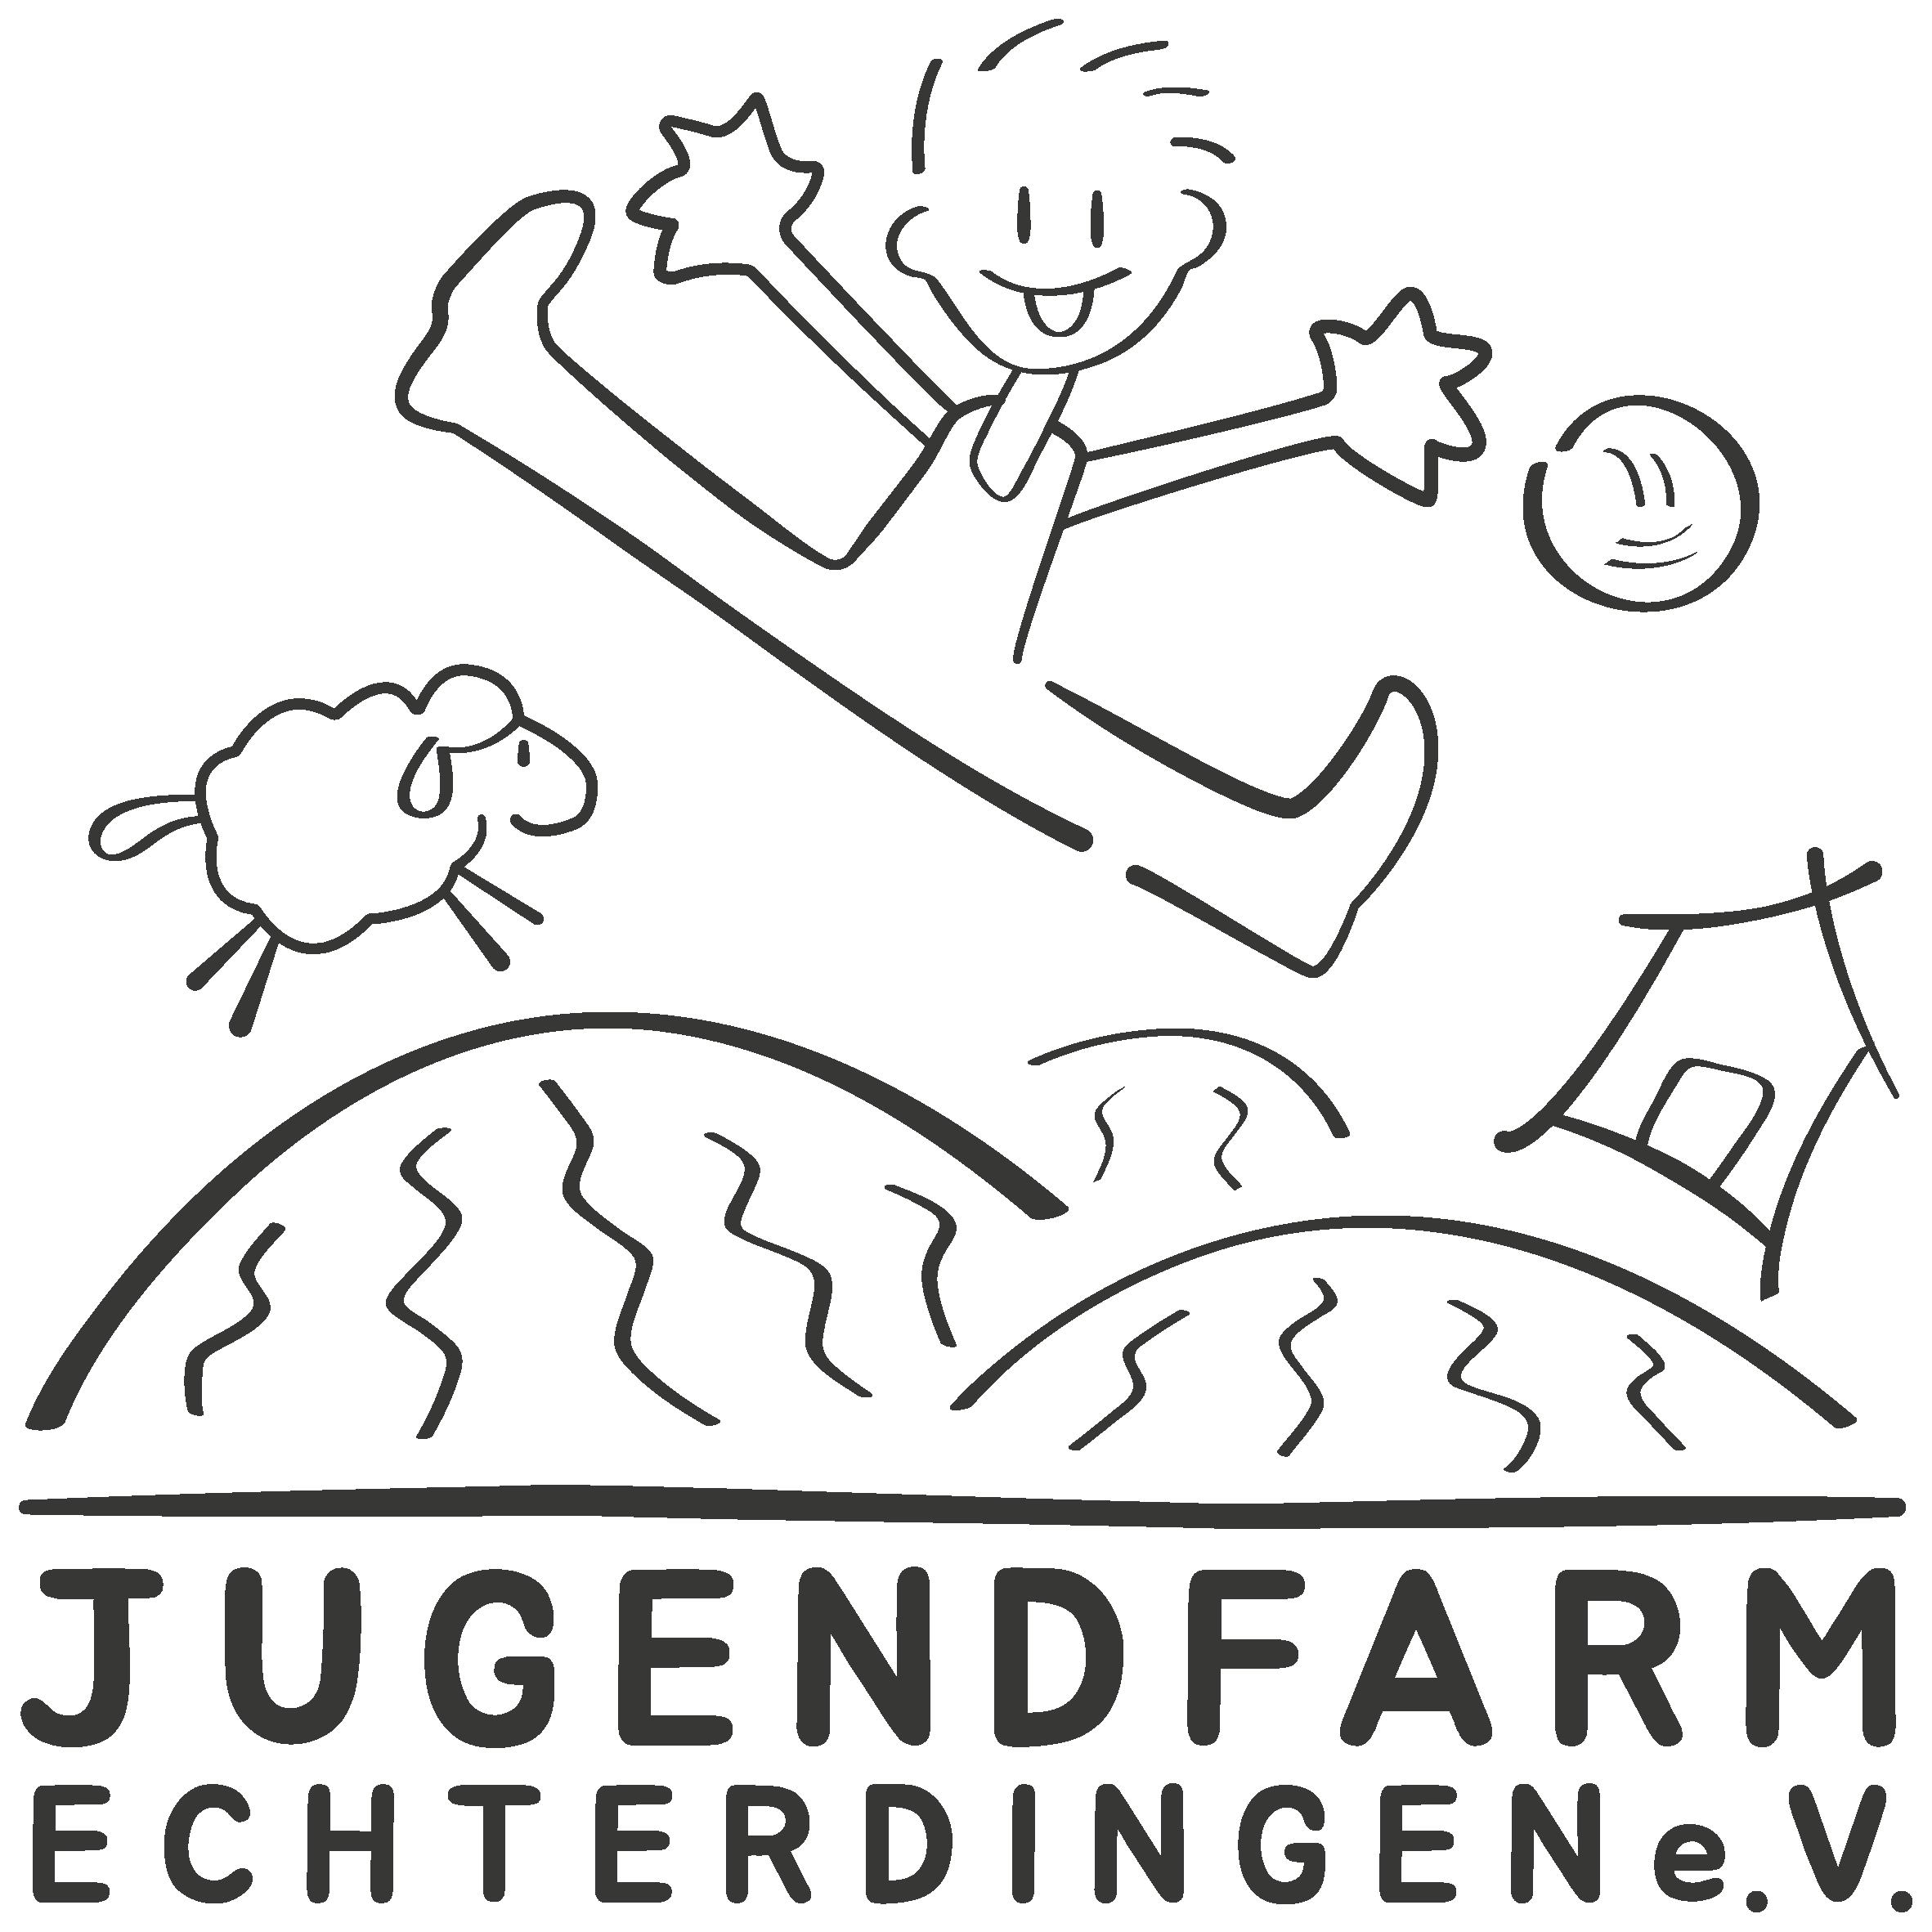 Jugendfarm in Echterdingen